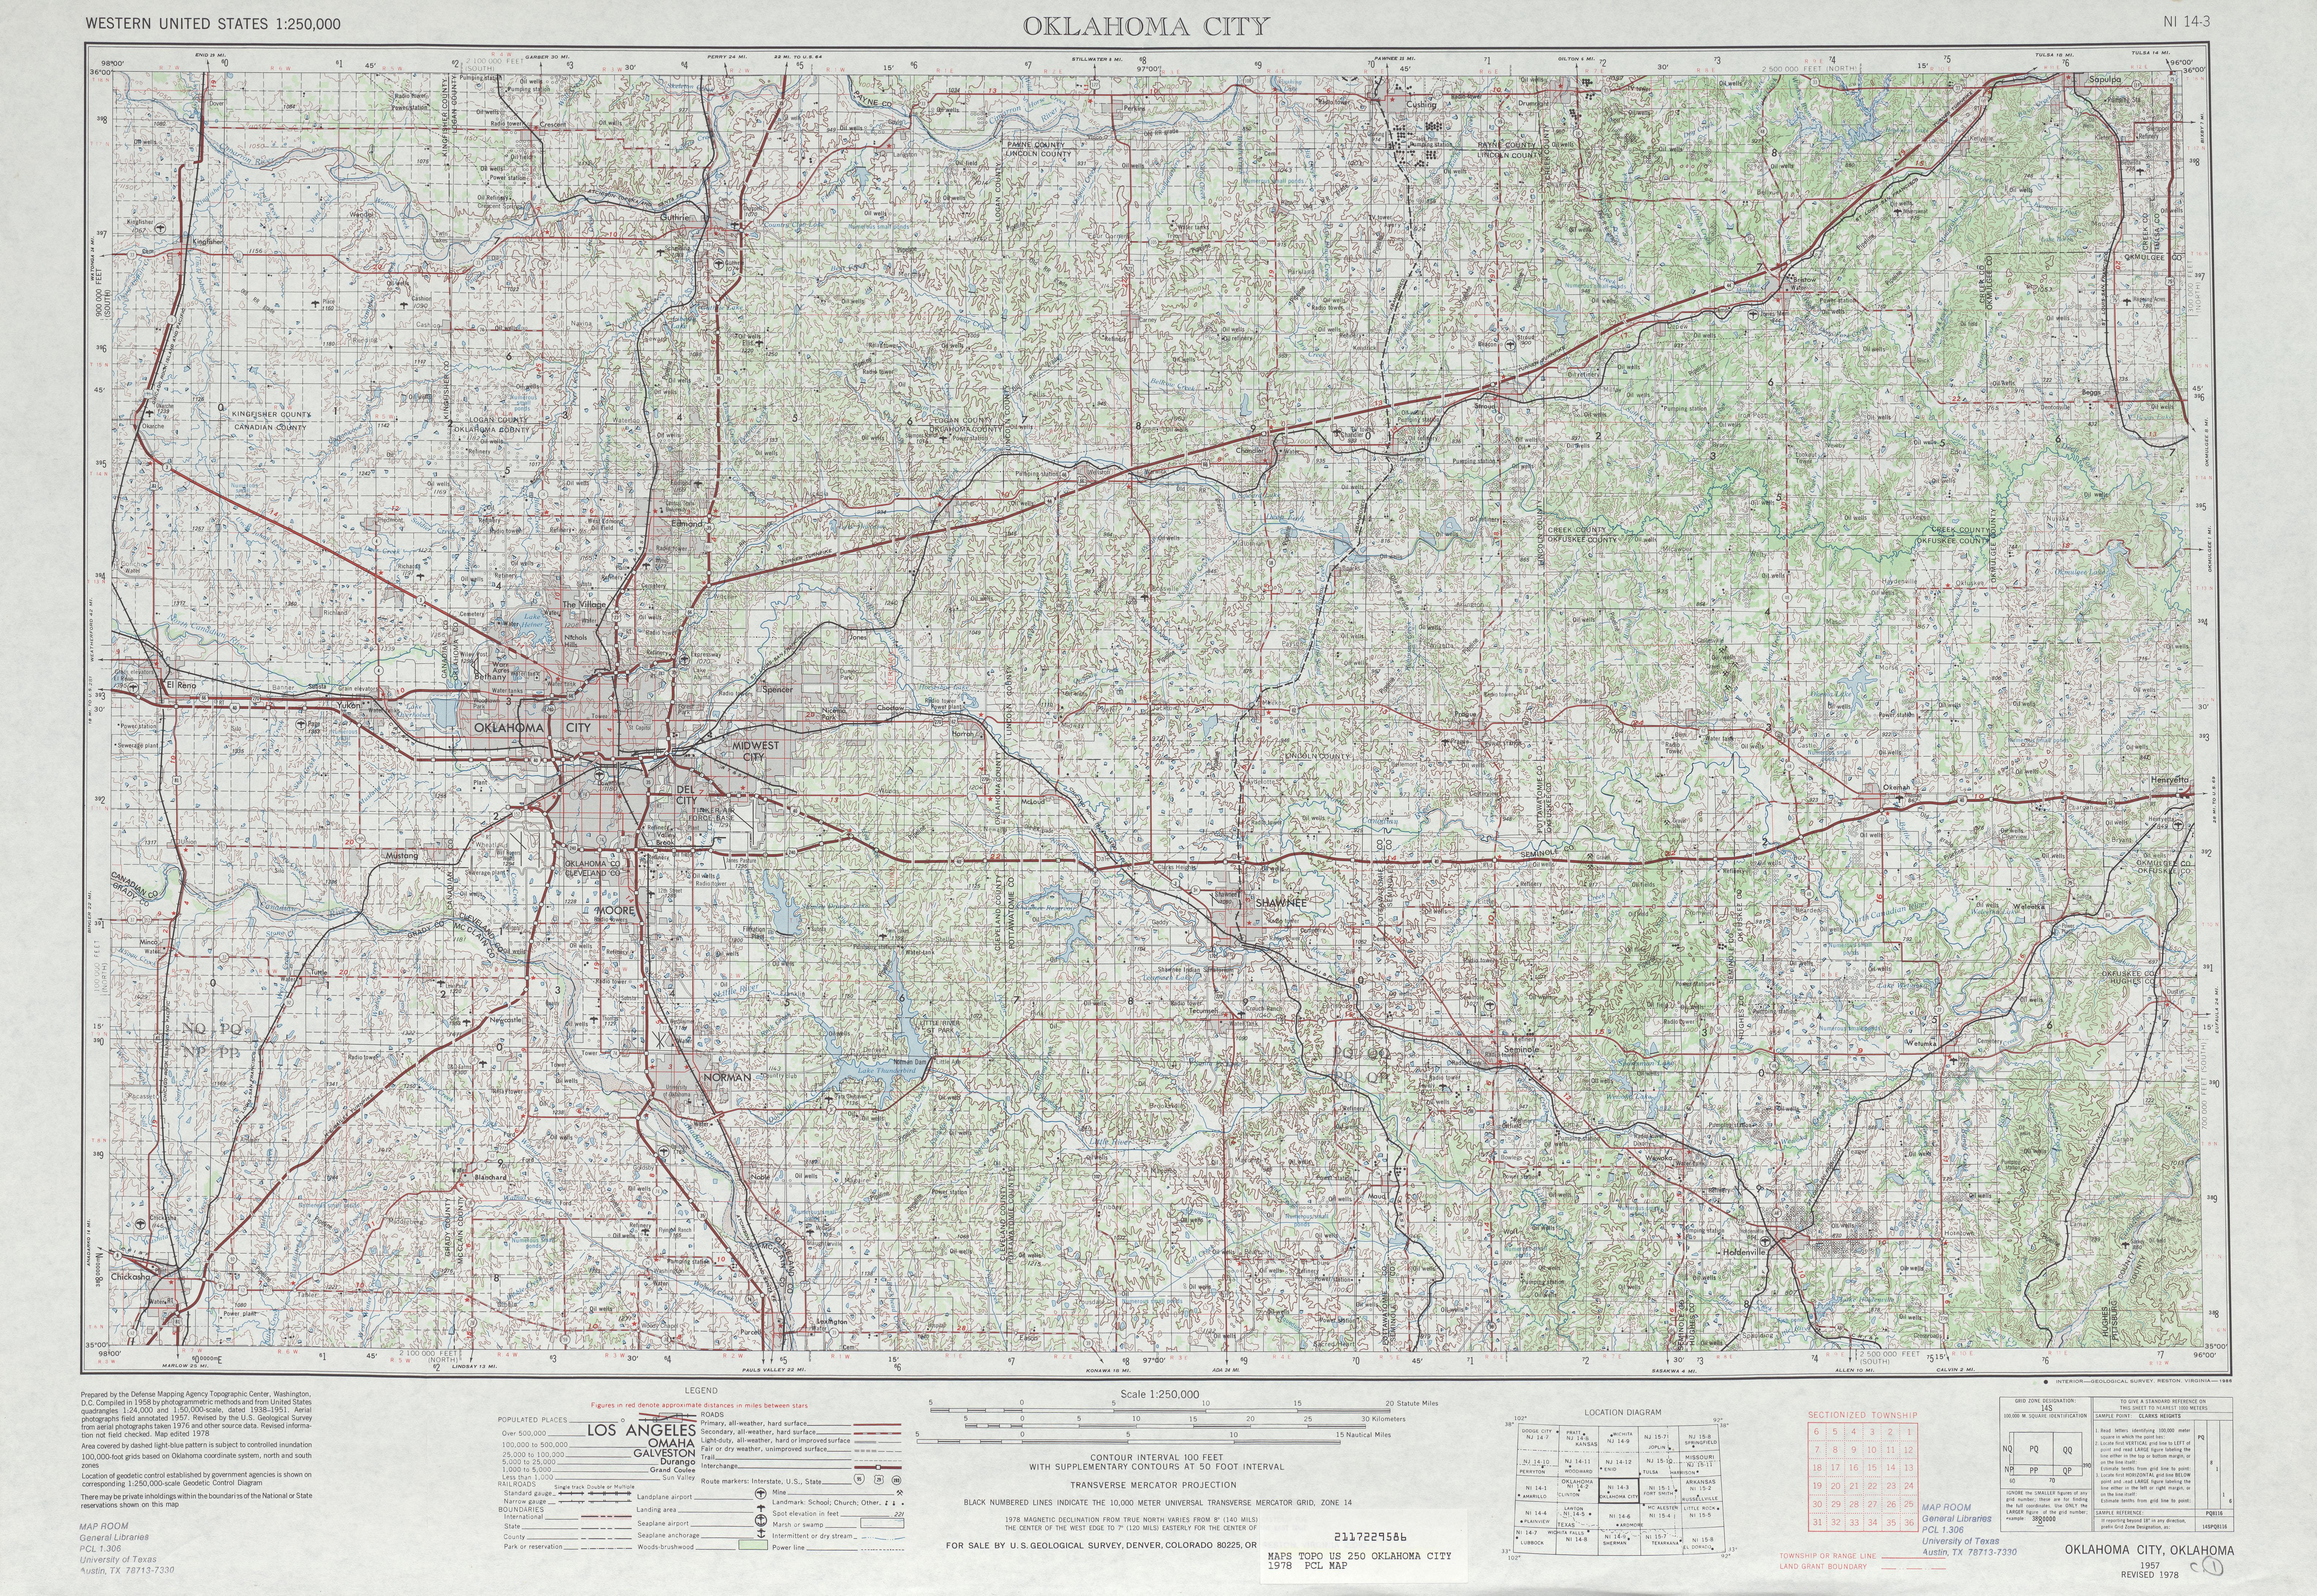 Hoja Oklahoma City del Mapa Topográfico de los Estados Unidos 1978